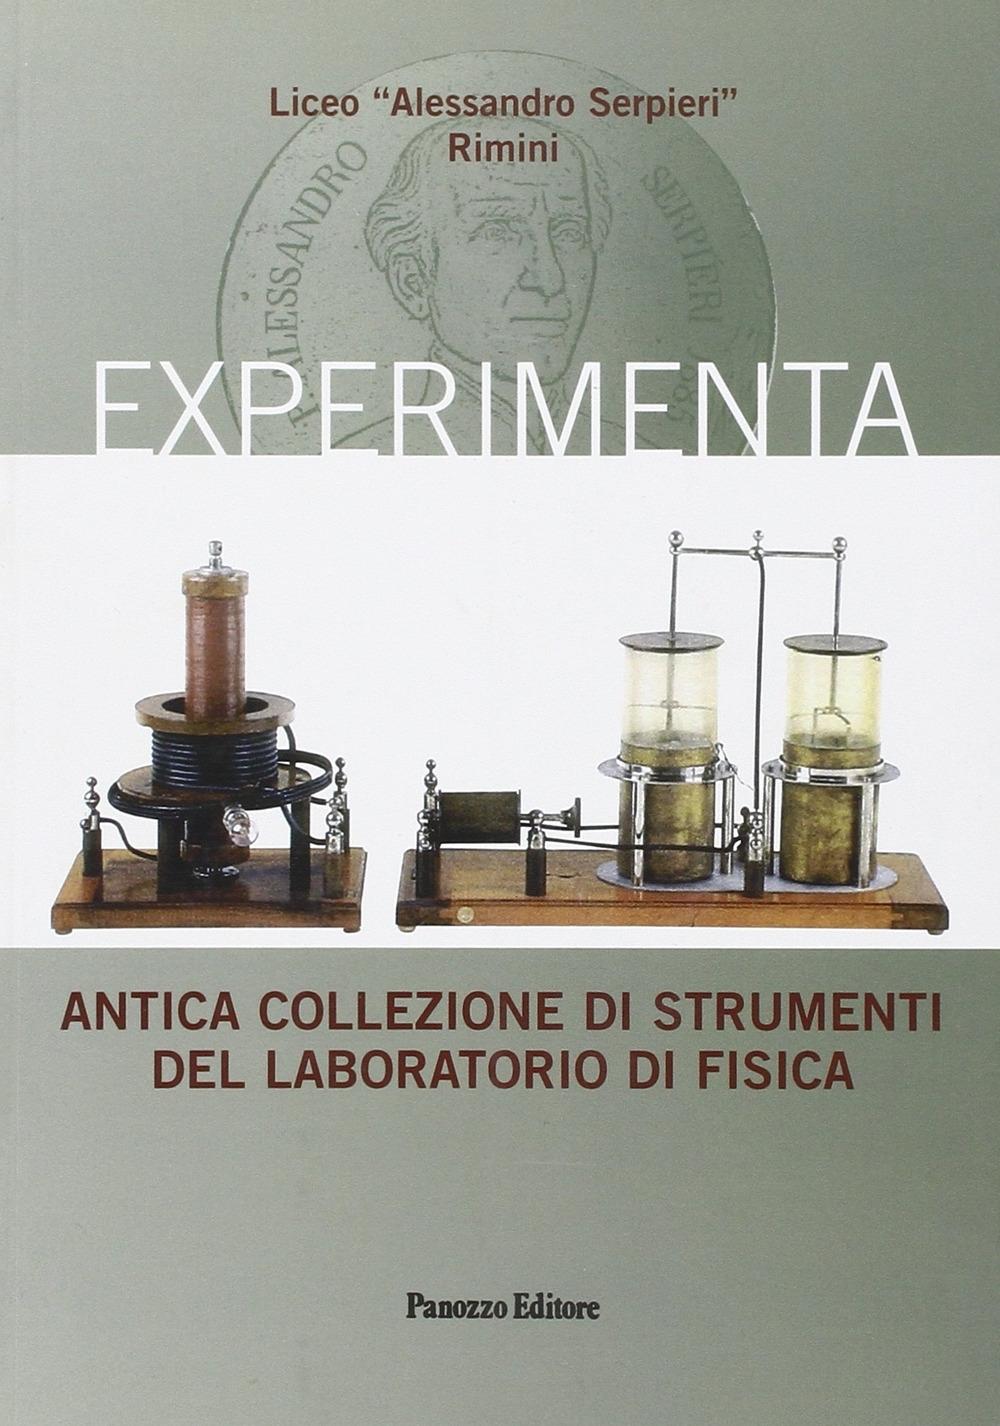 Experimenta. Antica collezione di strumenti del laboratorio di fisica